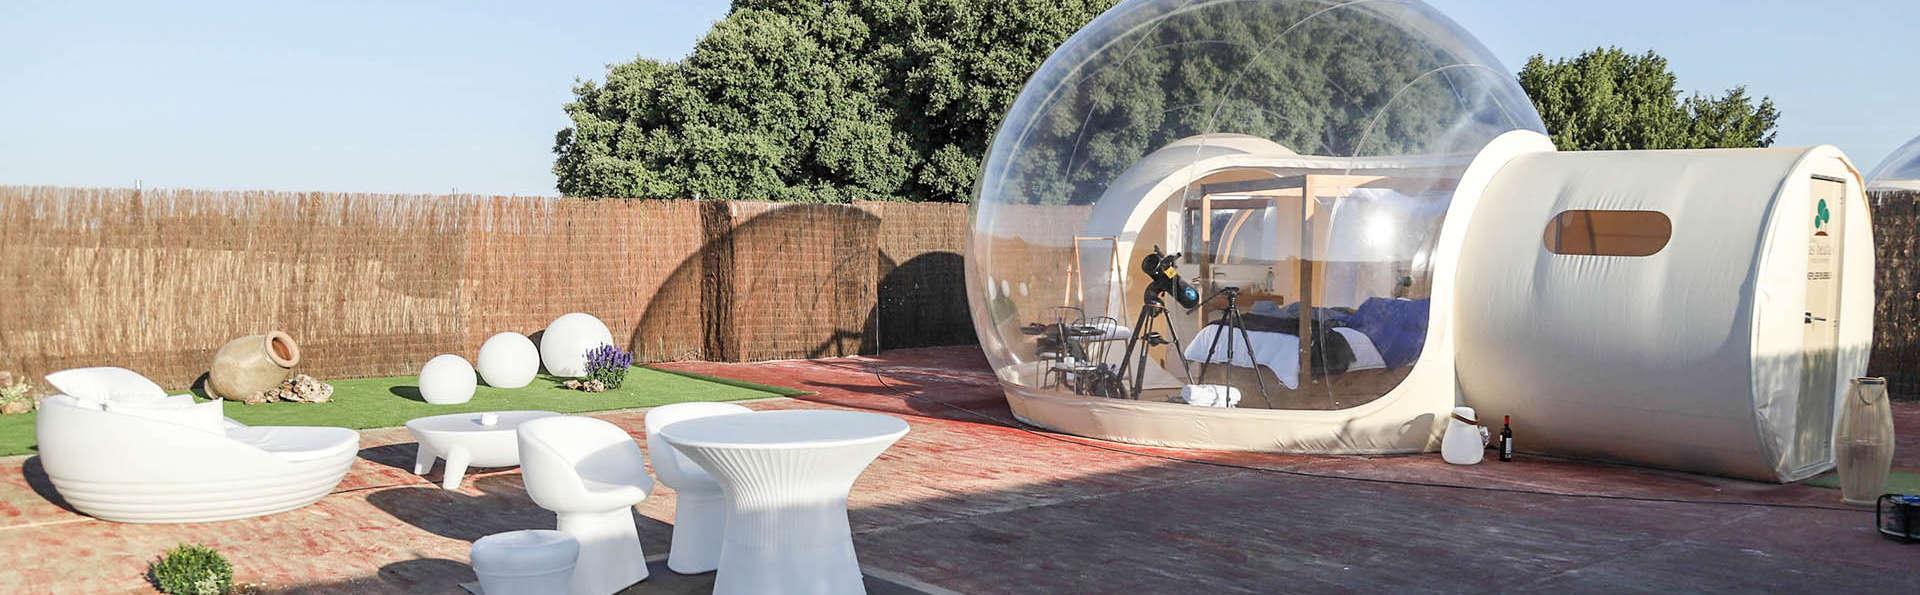 Hotel Finca Las Beatas - EDIT_BURBUJA_Y_EXTERIOR_01.jpg